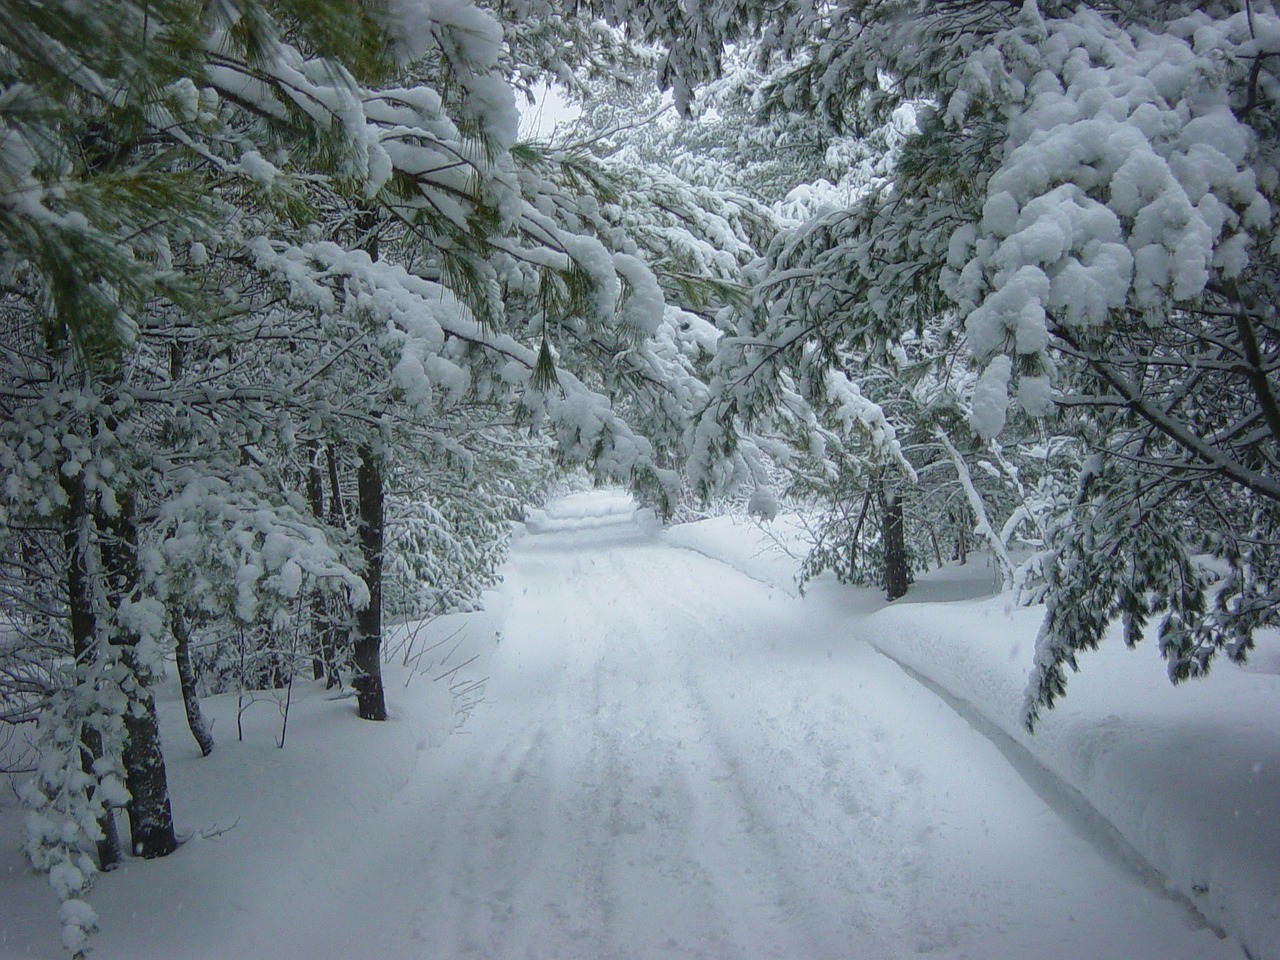 Na víkend připadne na horách nová várka sněhu